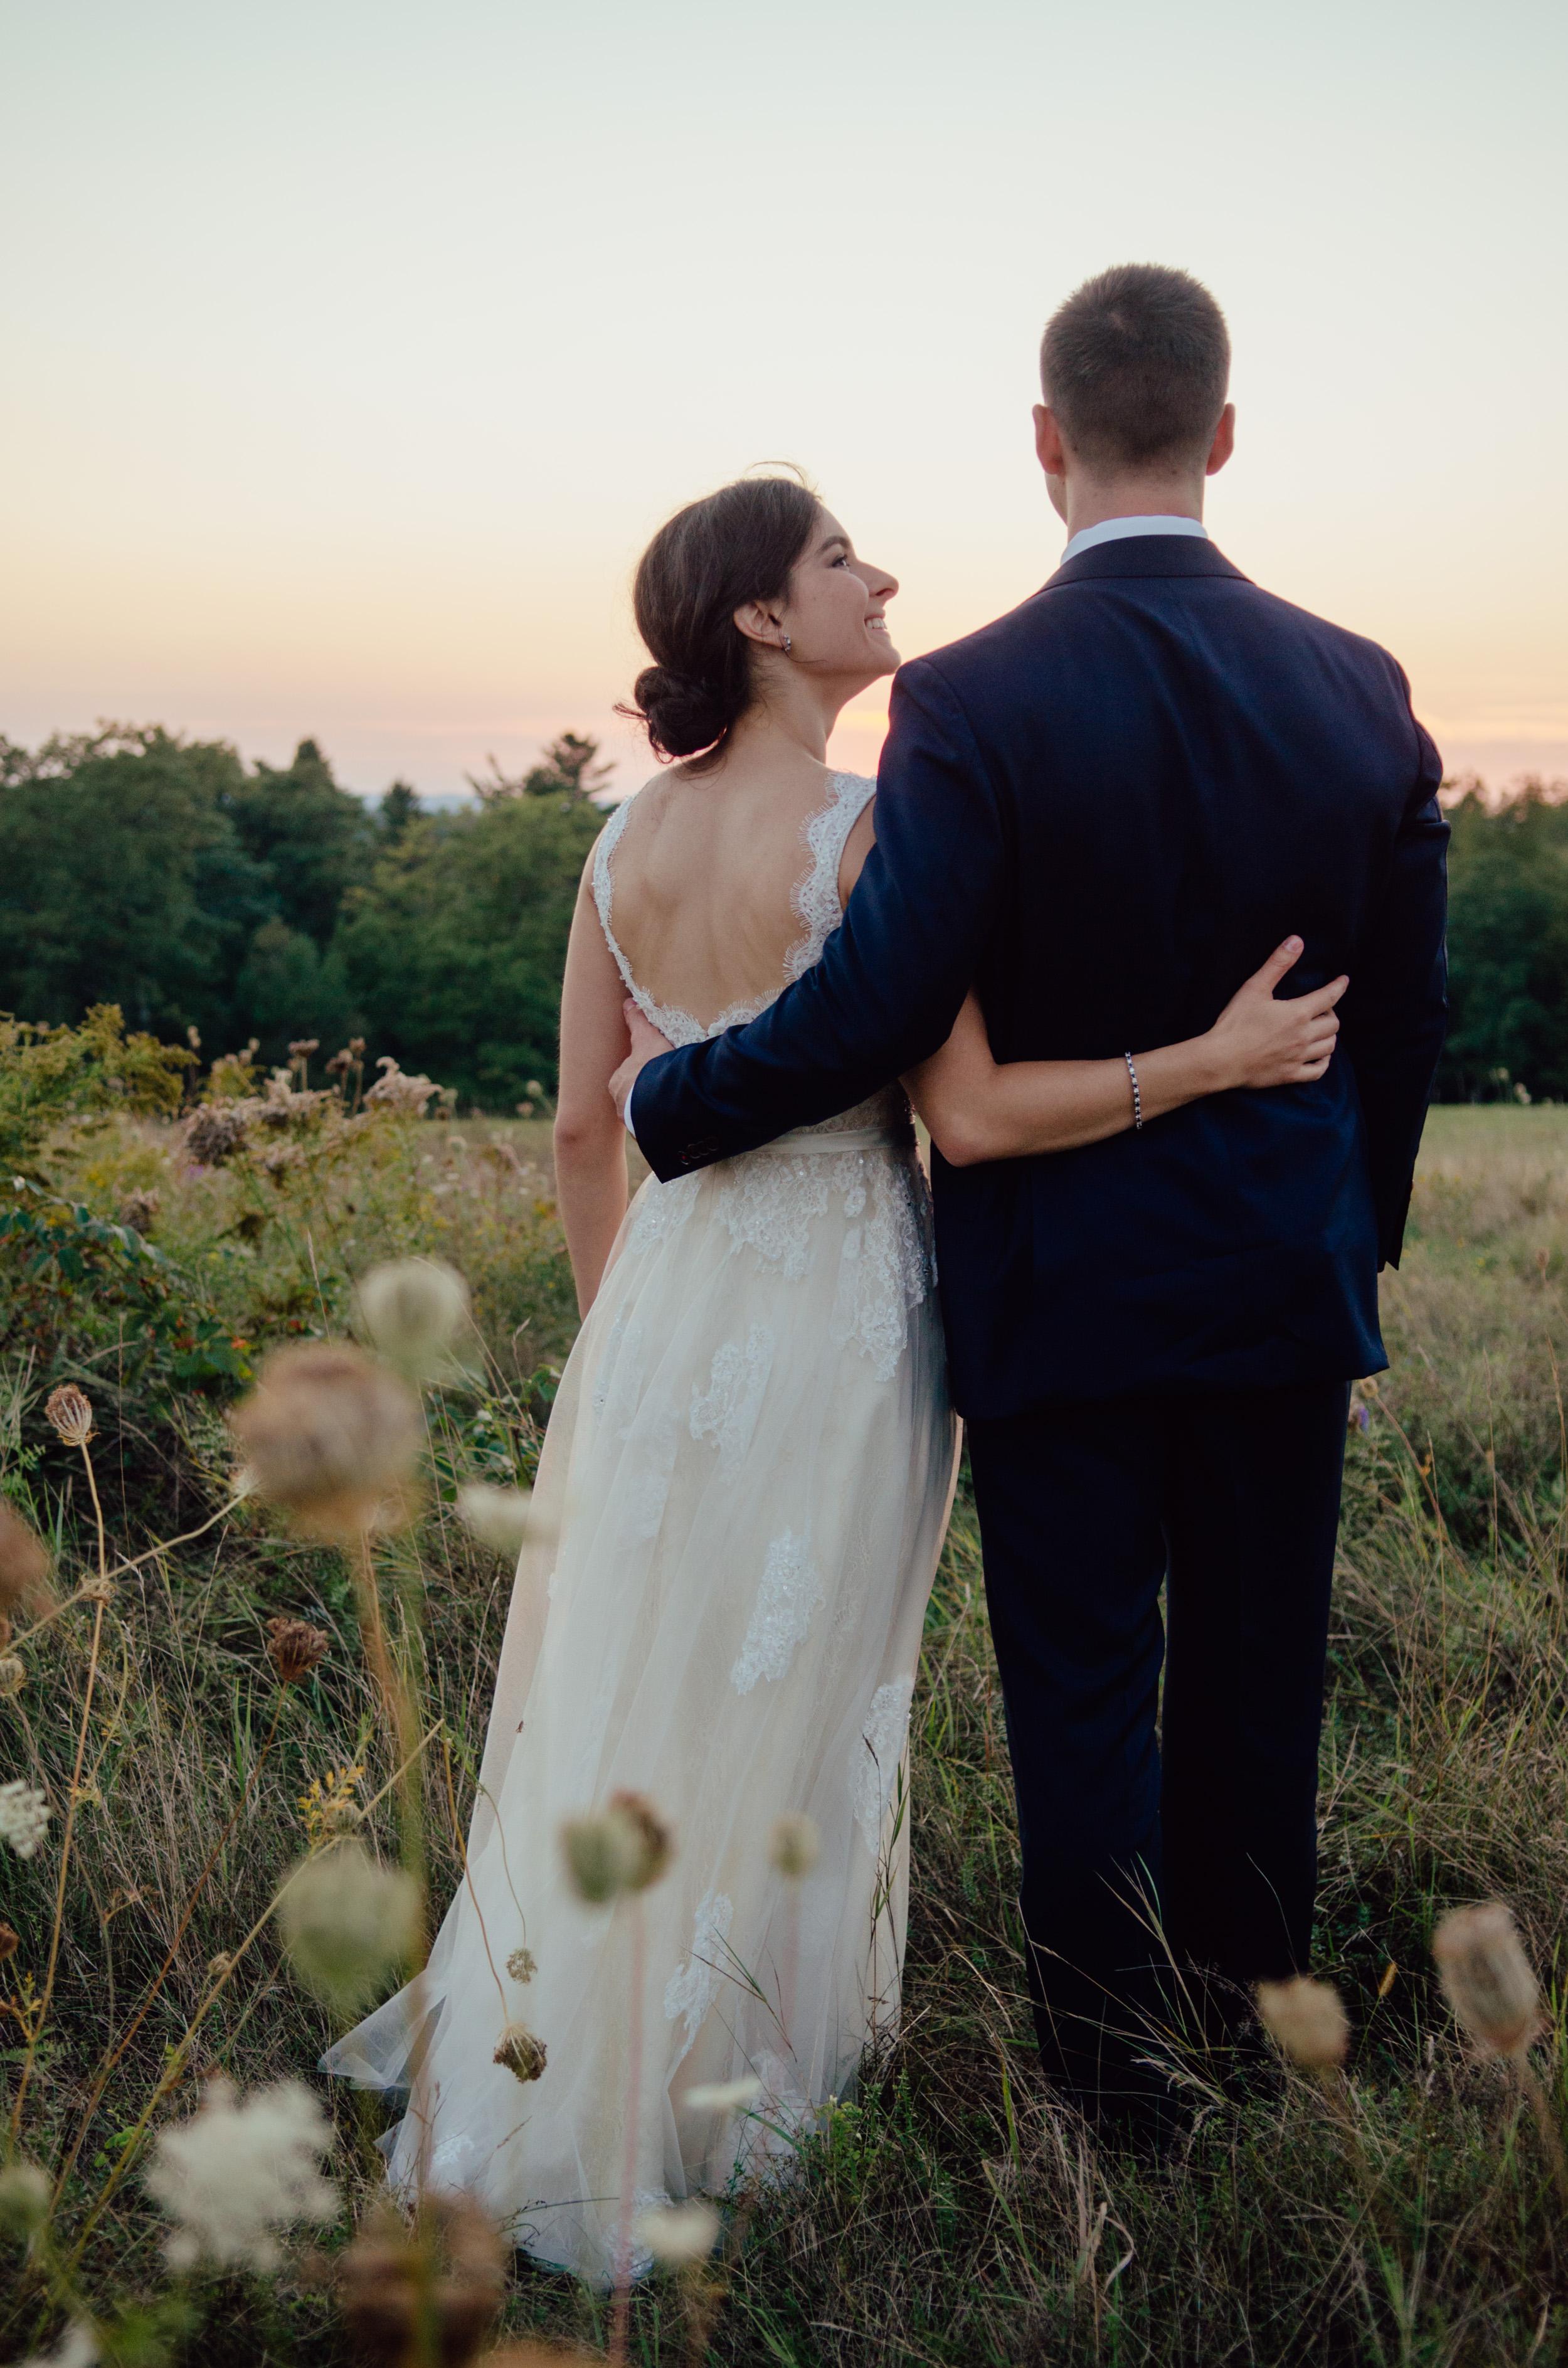 cleland-studios-weddings-76.jpg